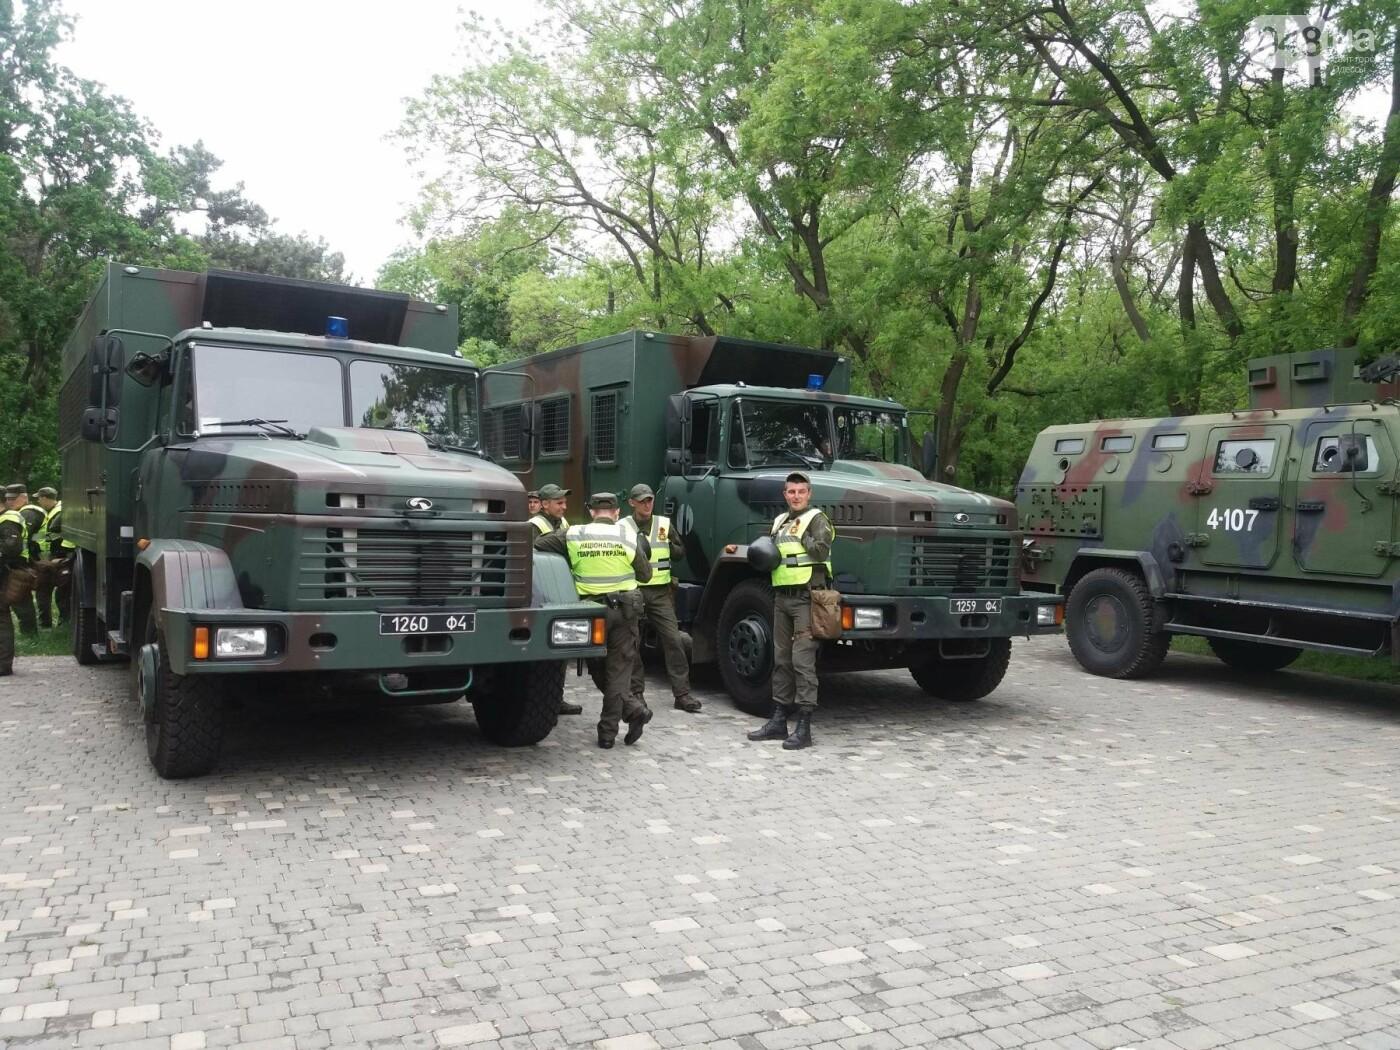 9 мая в Одессе: хронология событий и итоги, - ФОТО, ВИДЕО, фото-1